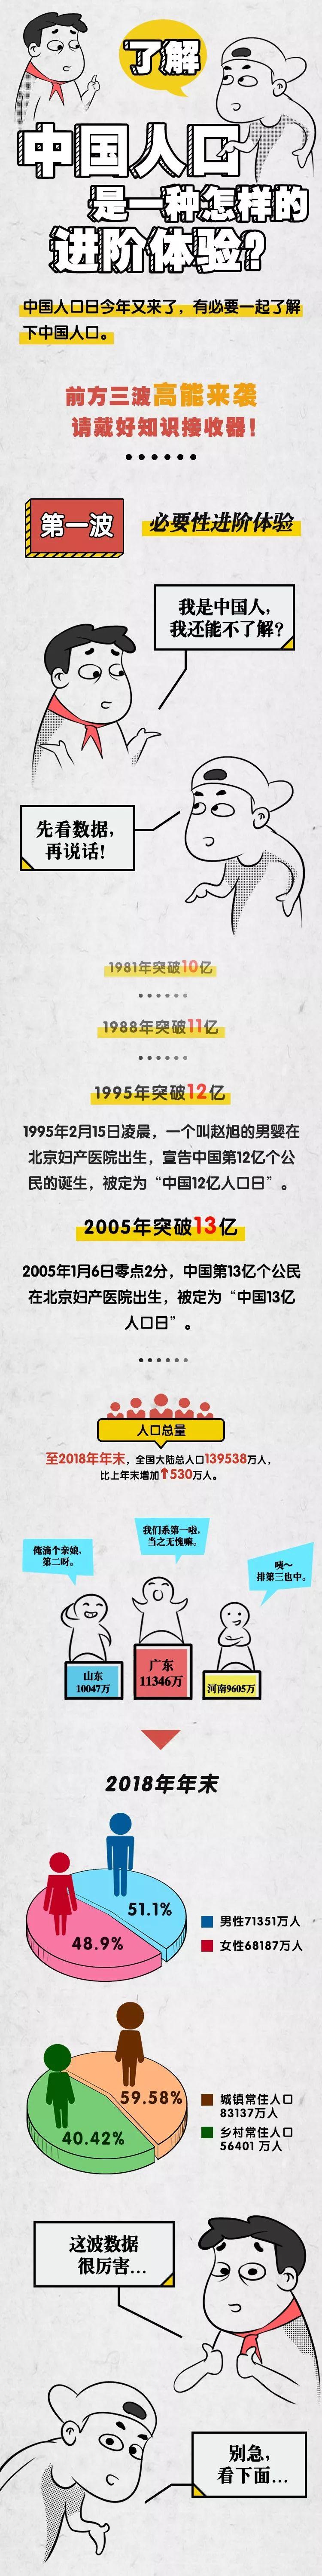 除了世界上人口最多,你对中国人口还有哪些了解?